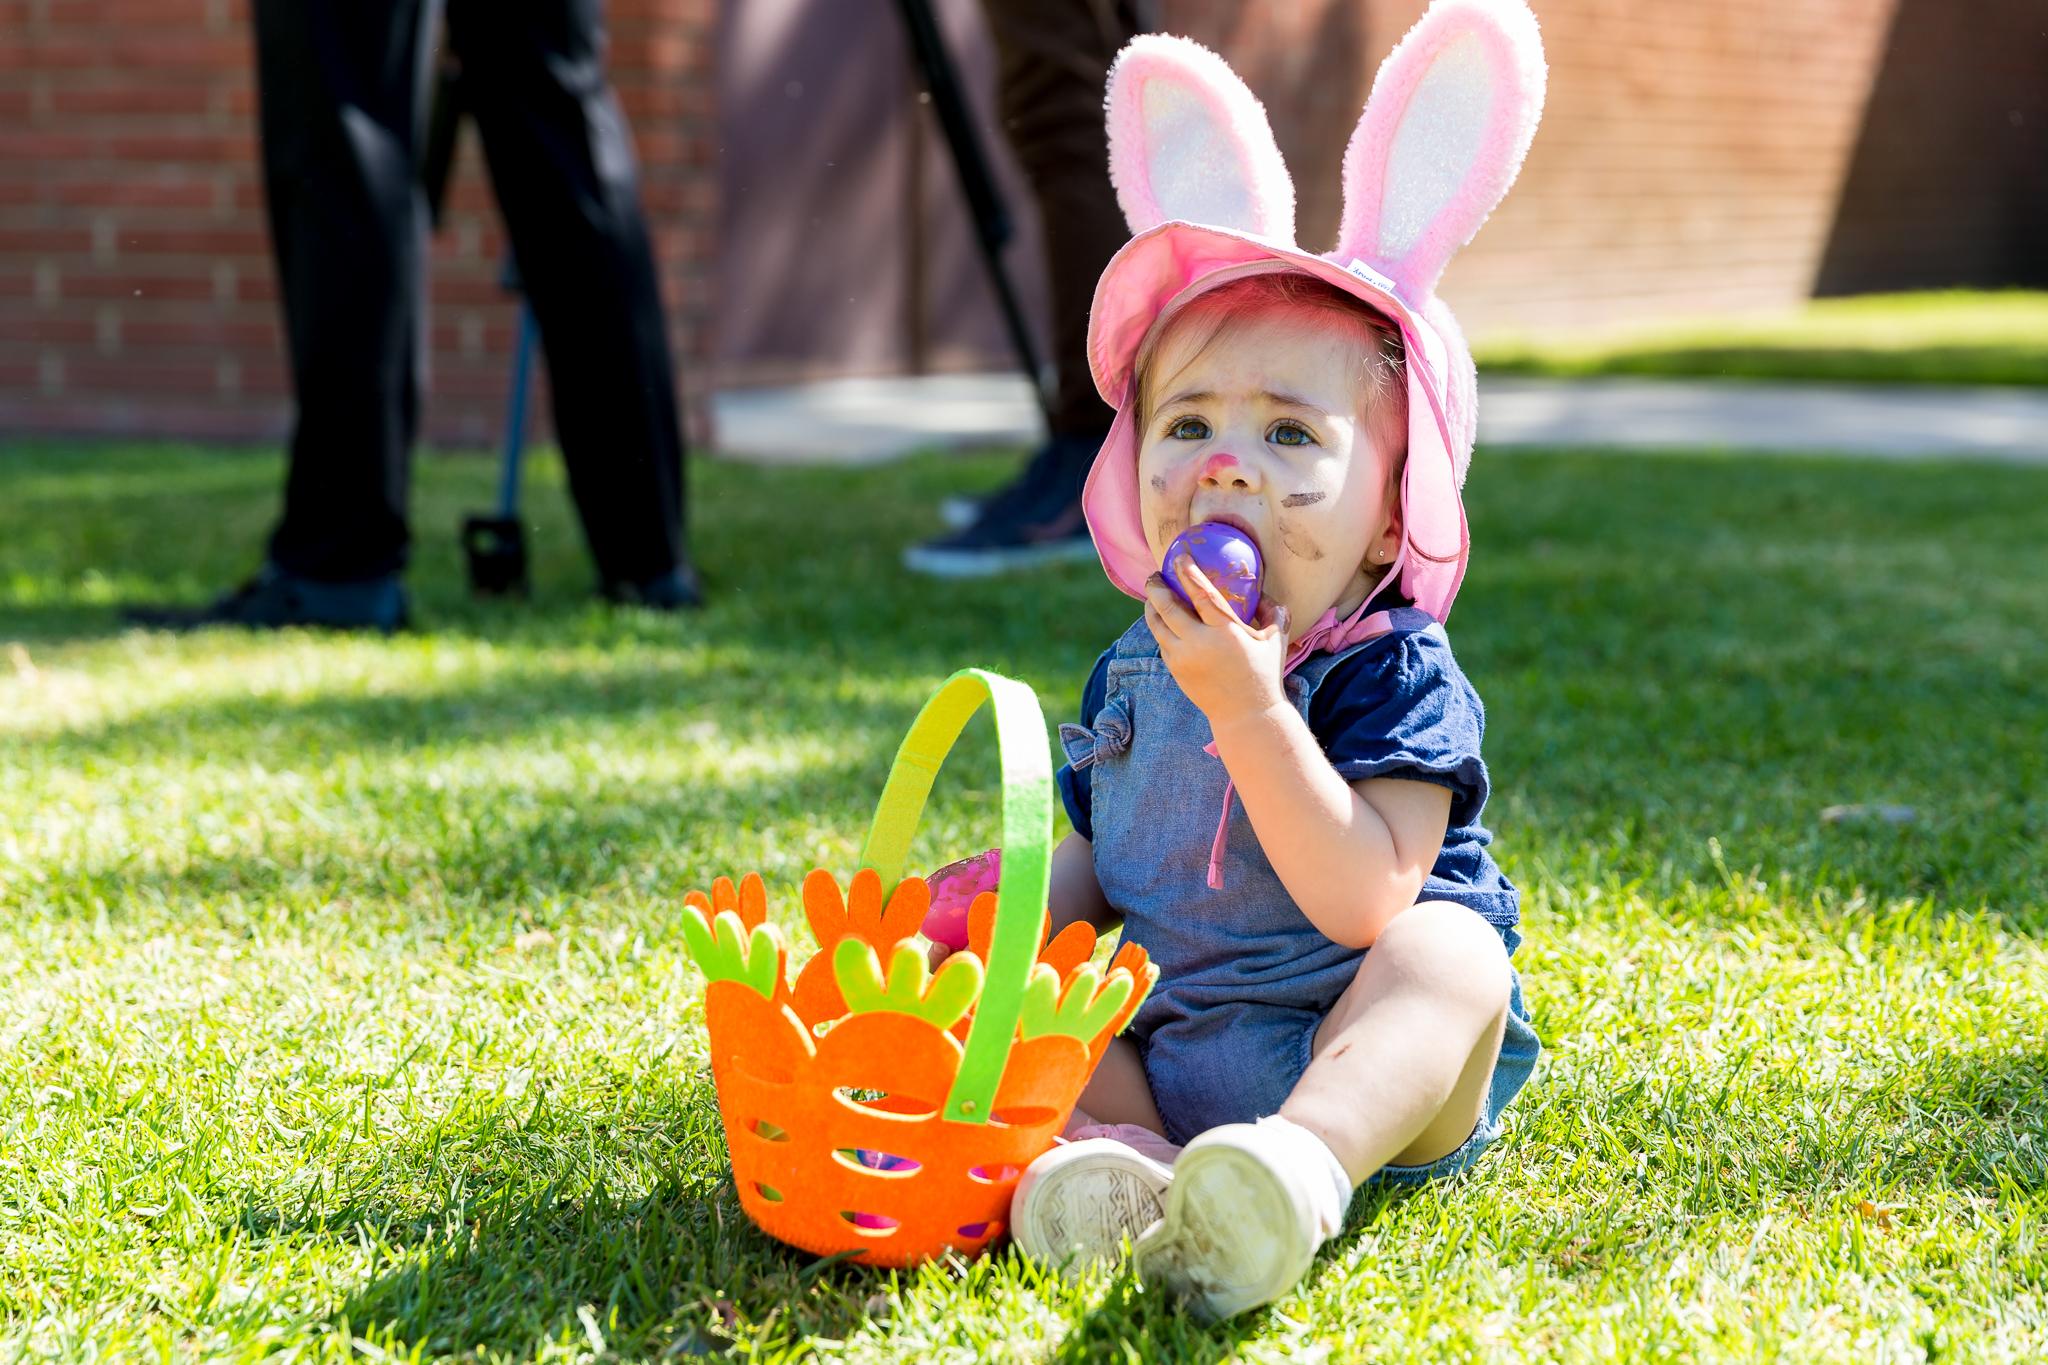 Tasting goodies in the Easter basket